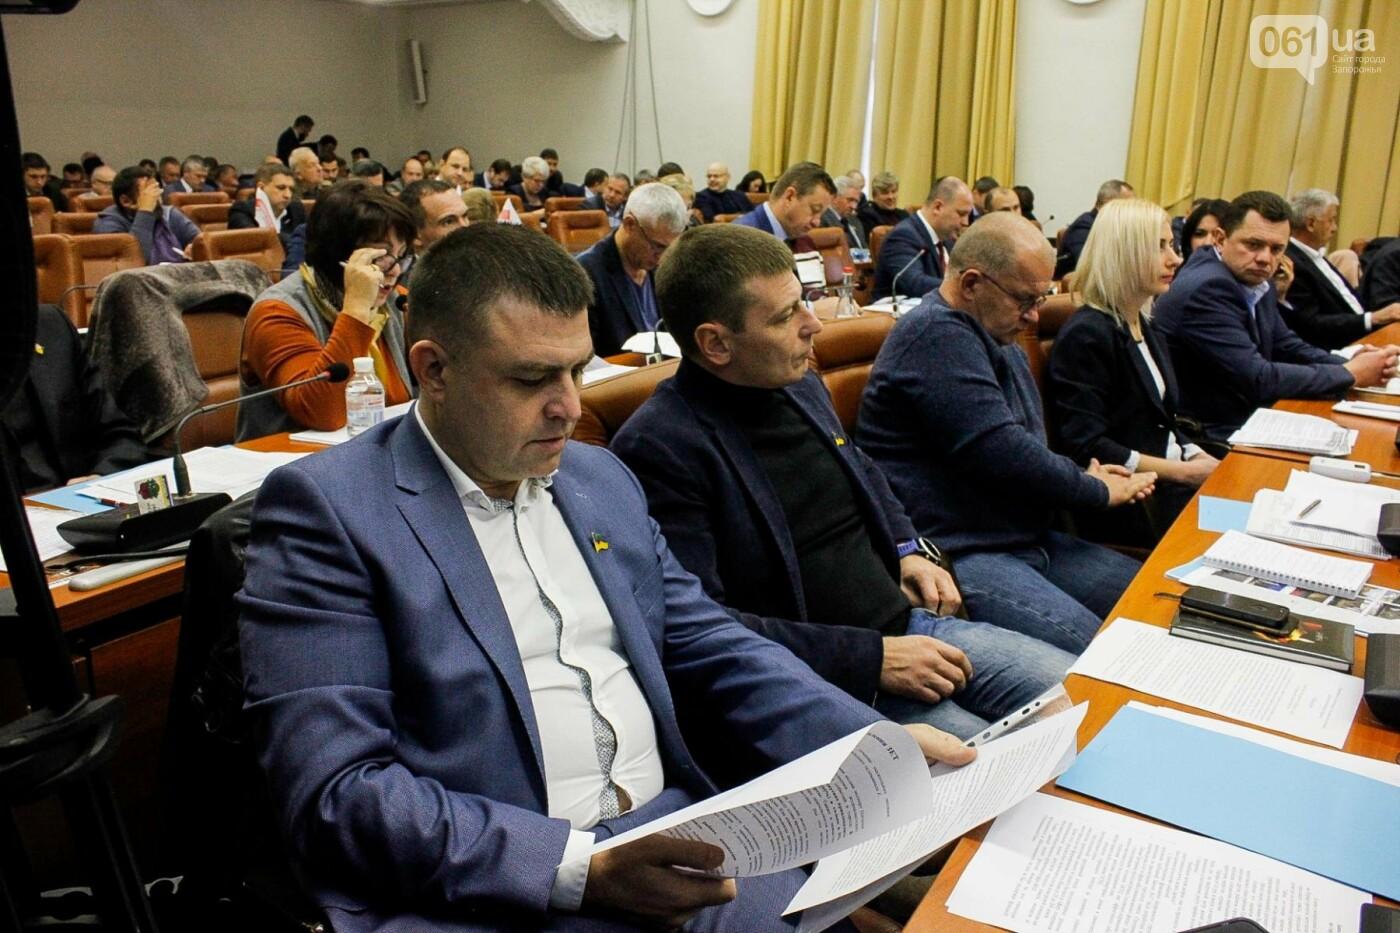 Сессия запорожского горсовета в 55 фотографиях, - ФОТОРЕПОРТАЖ, фото-9